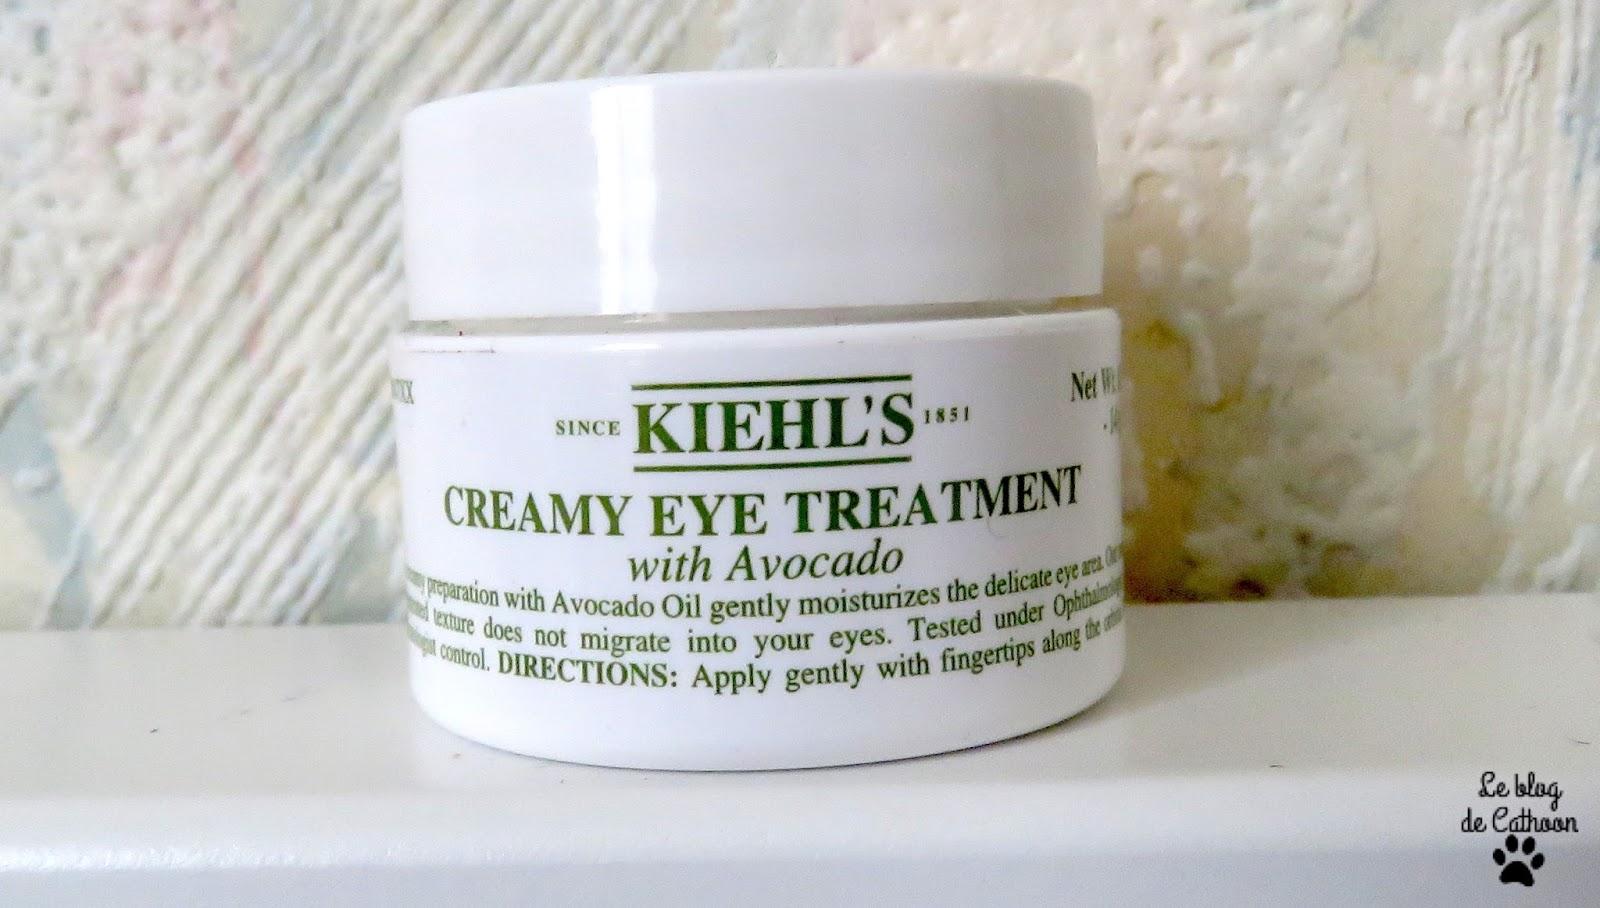 Creamy Eye Treatment with Avocado de Kiehl's